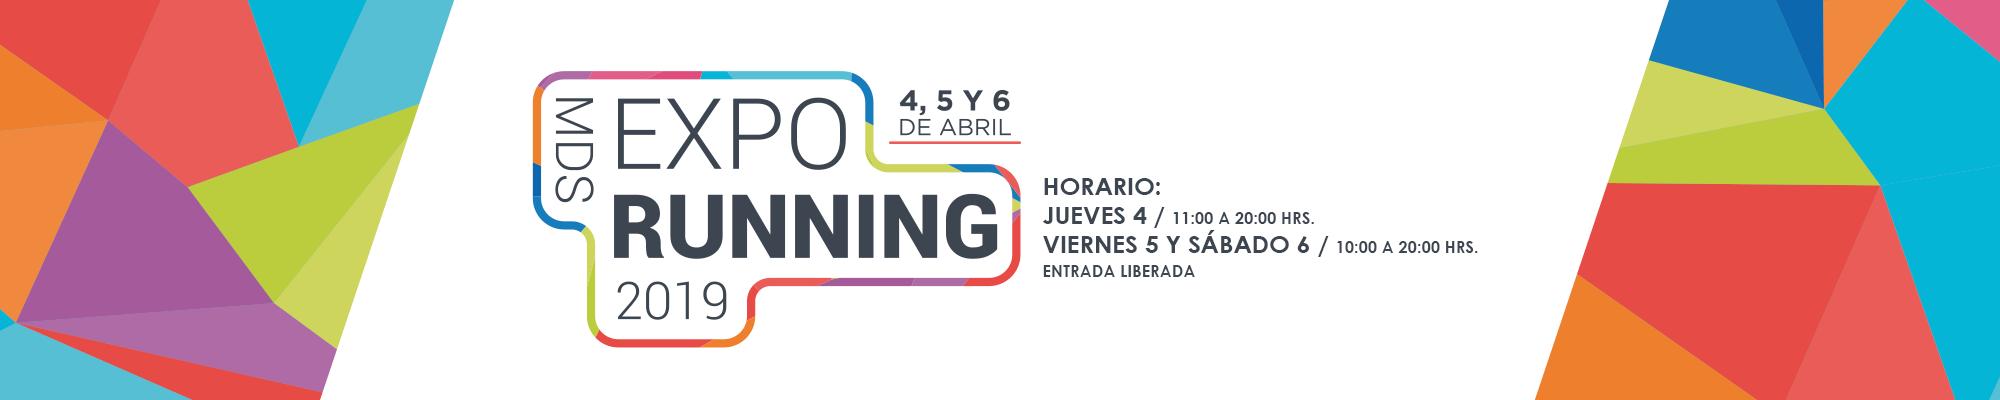 Expo Running 2019